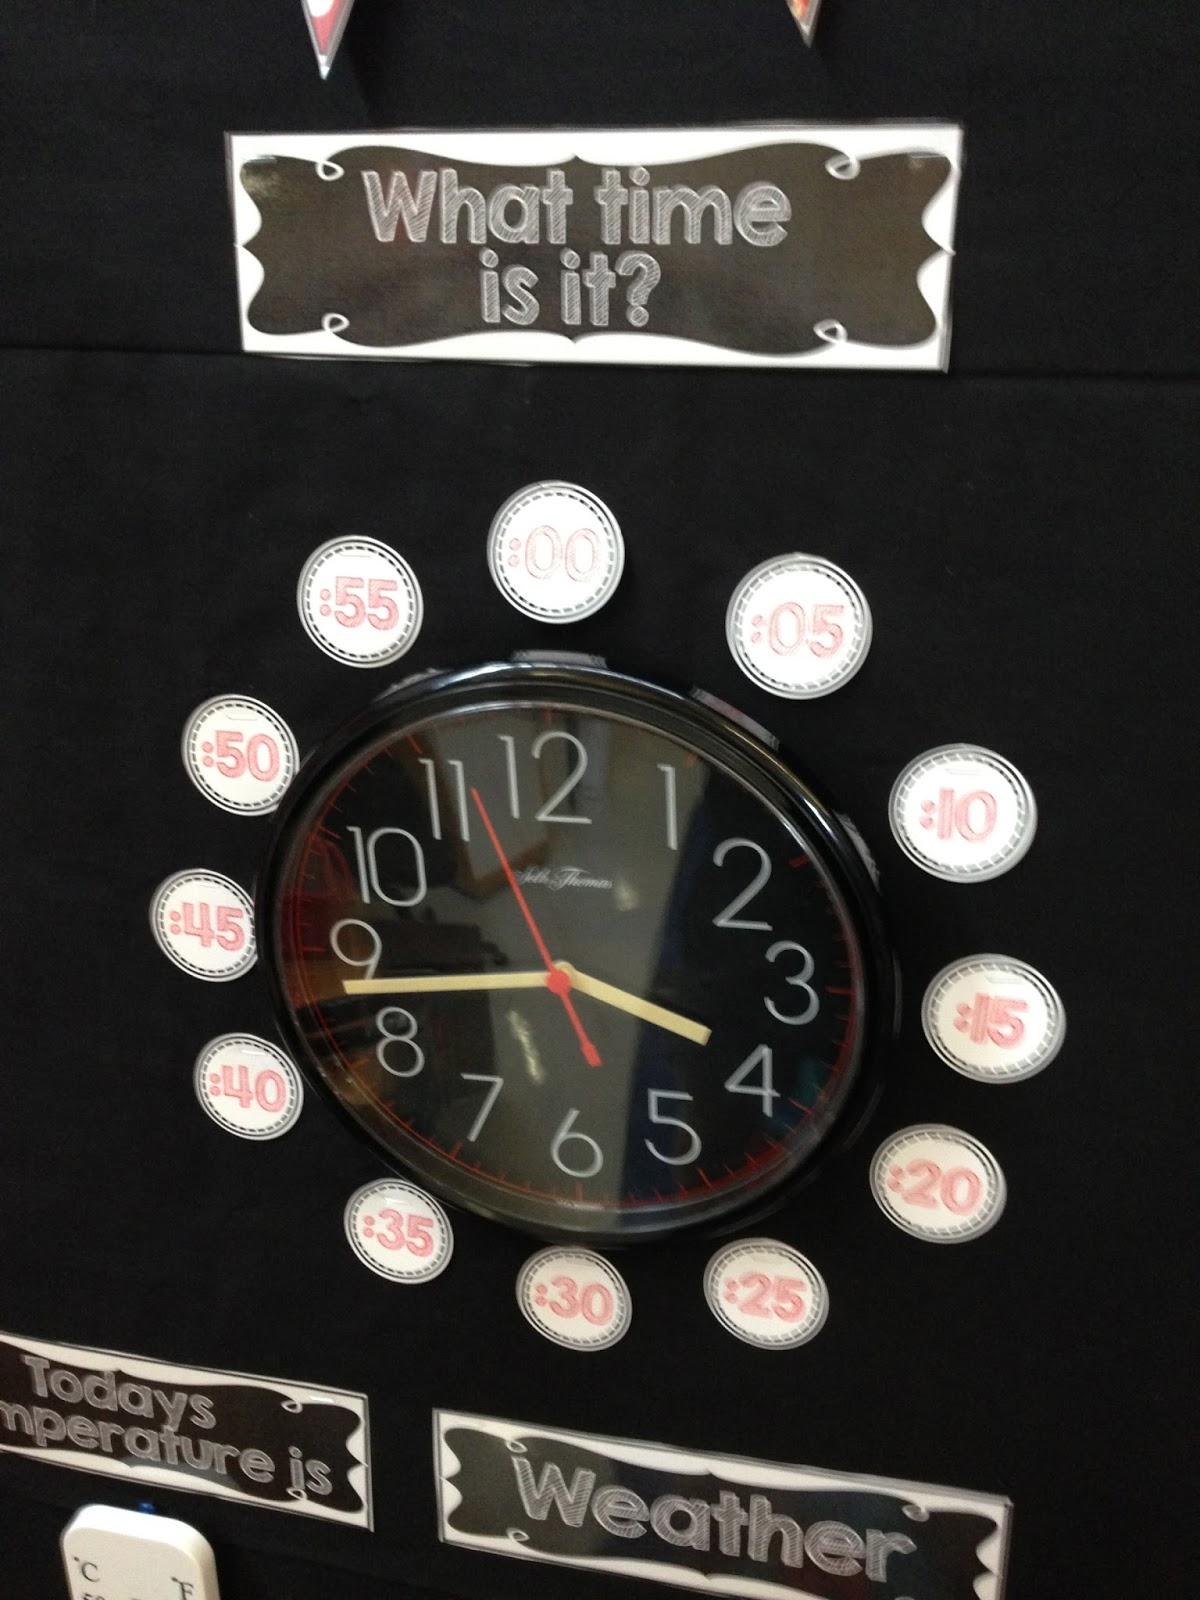 calendar wall, calendar notebooks, kindergarten math clock numbers, temperature